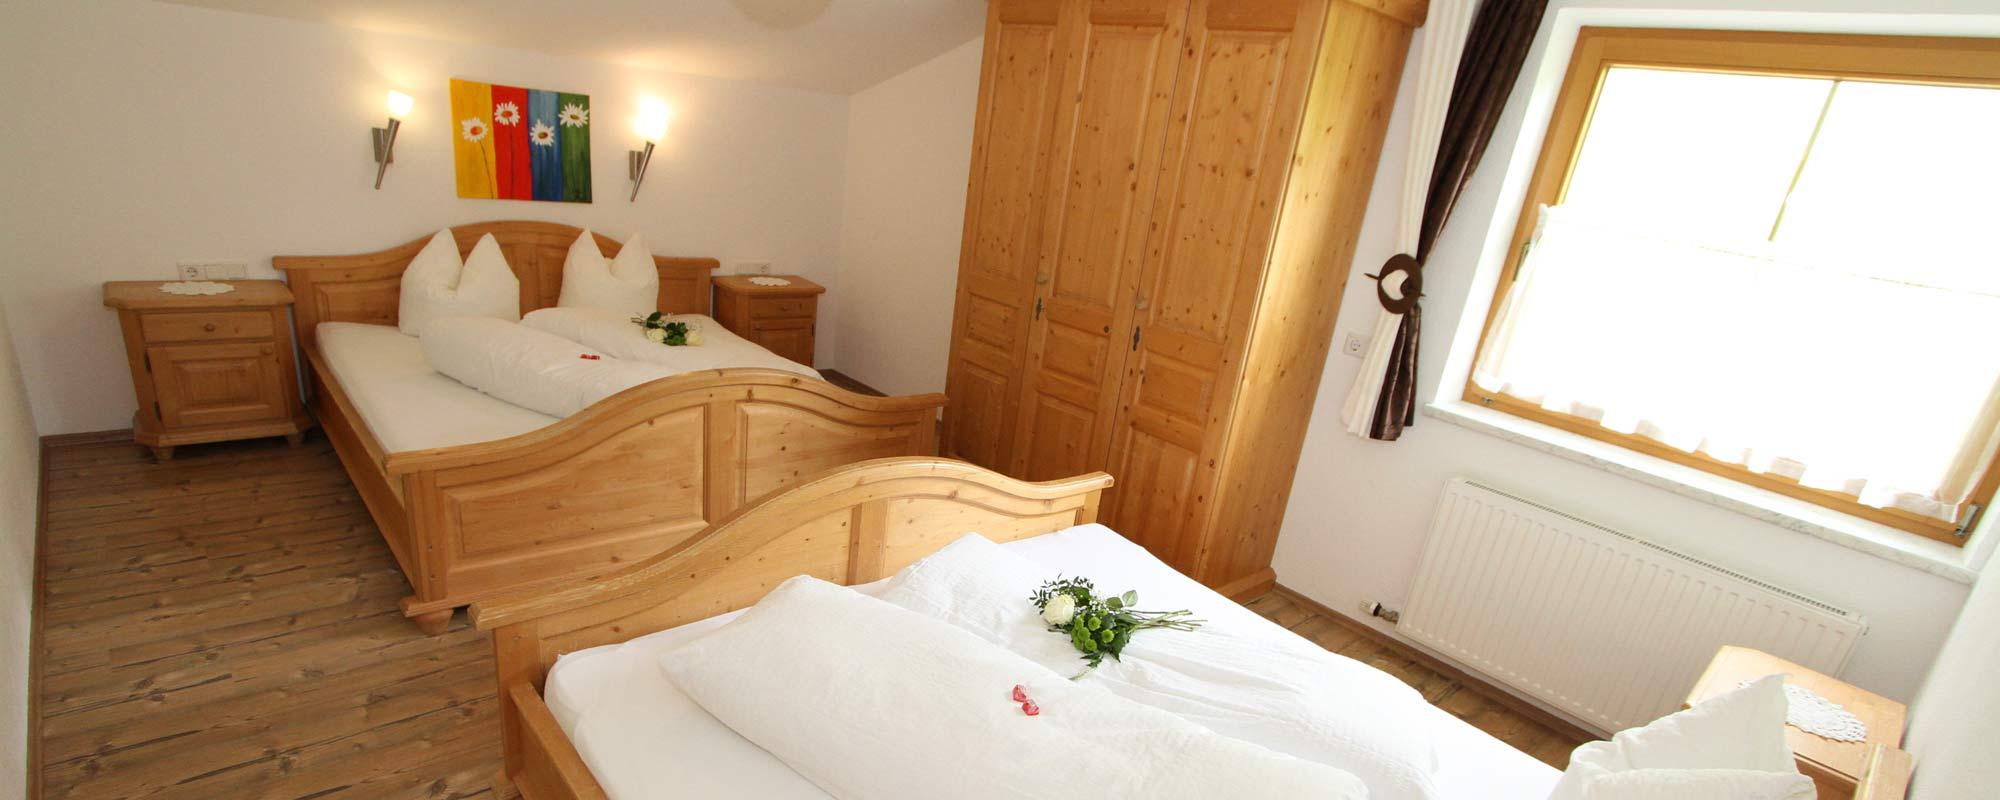 Apartment Sonnenschein Schlafzimmer 2 4p Zimmer in Holzoptik